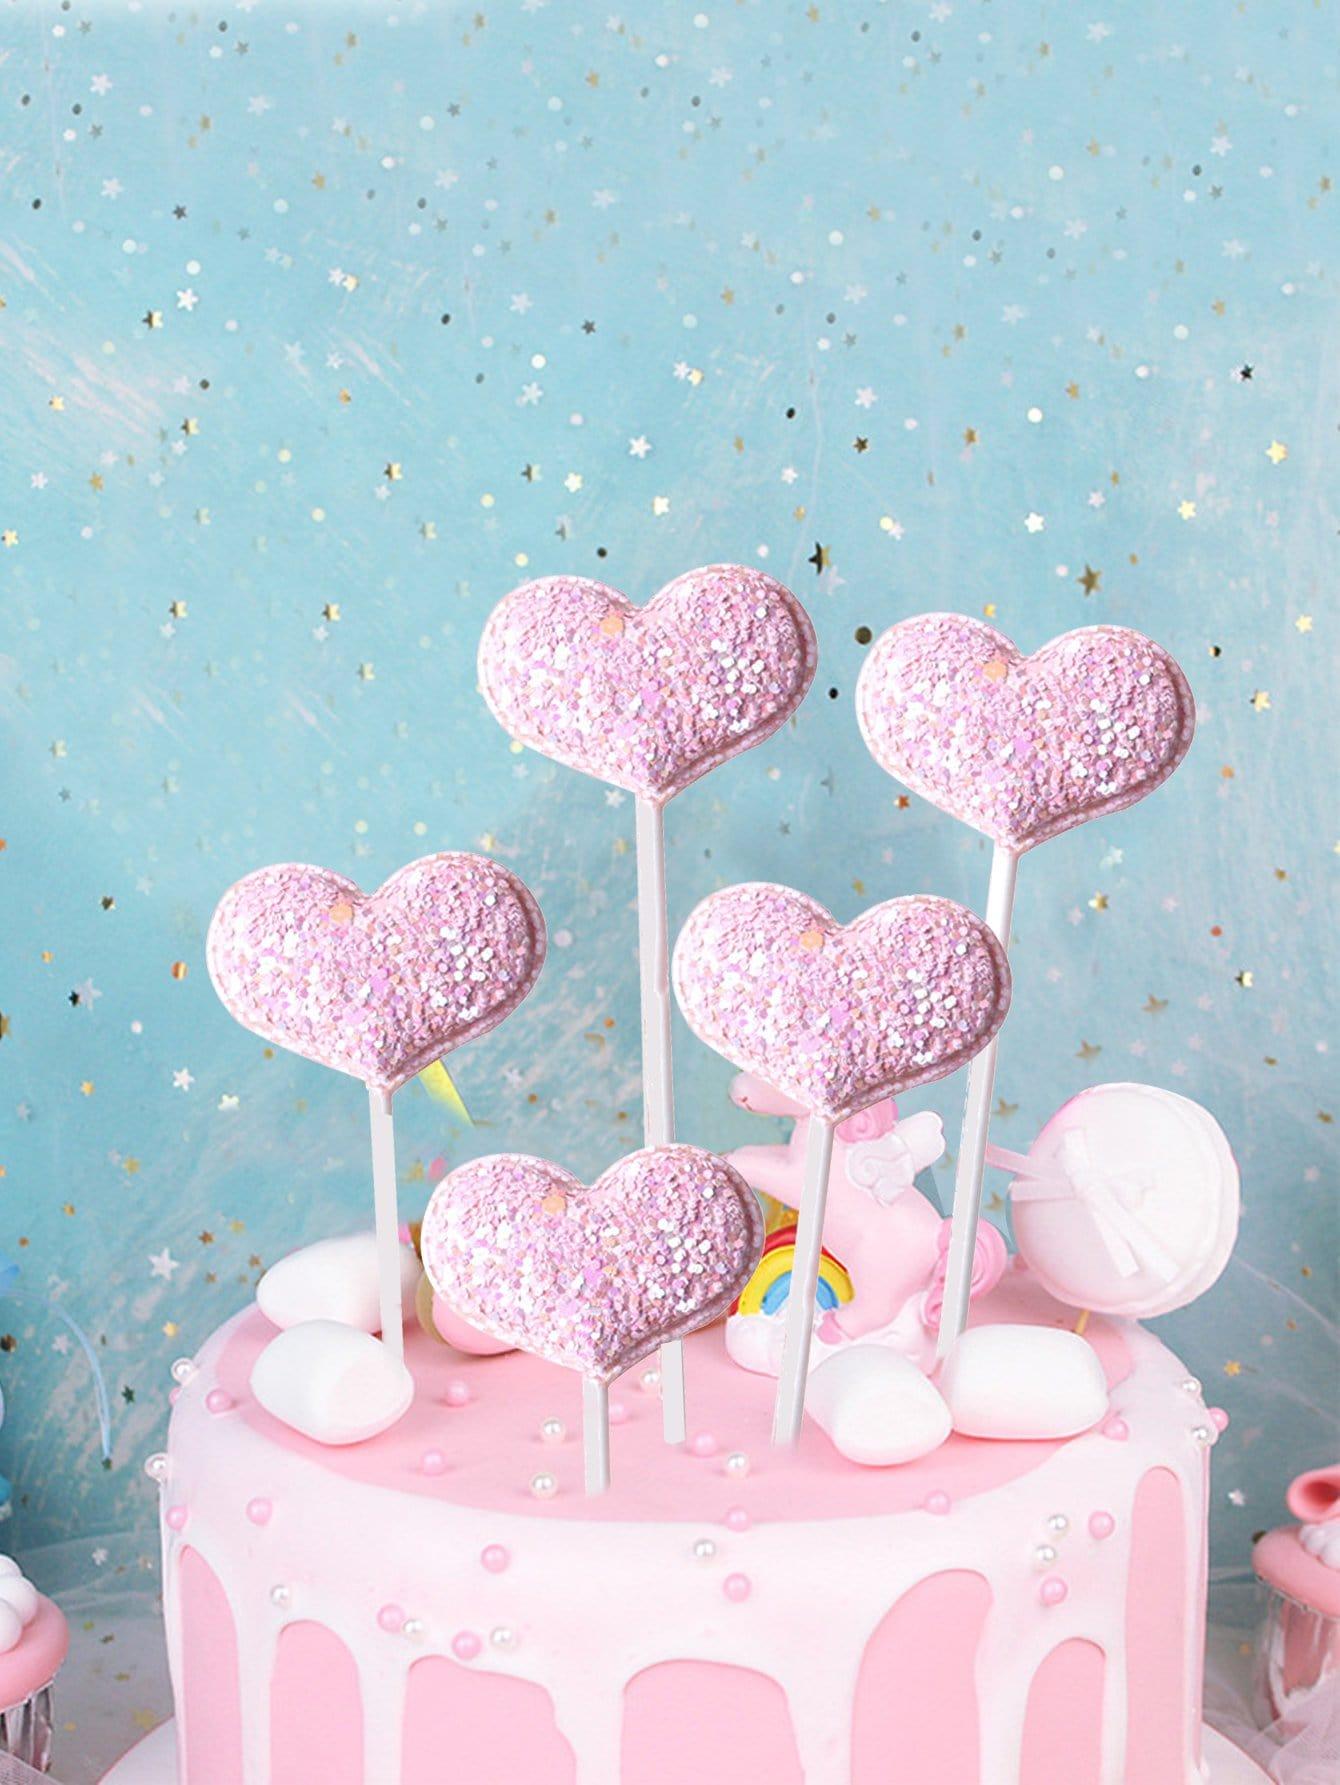 Купить Торт сверху украшение в виде сердца 5шт., null, SheIn